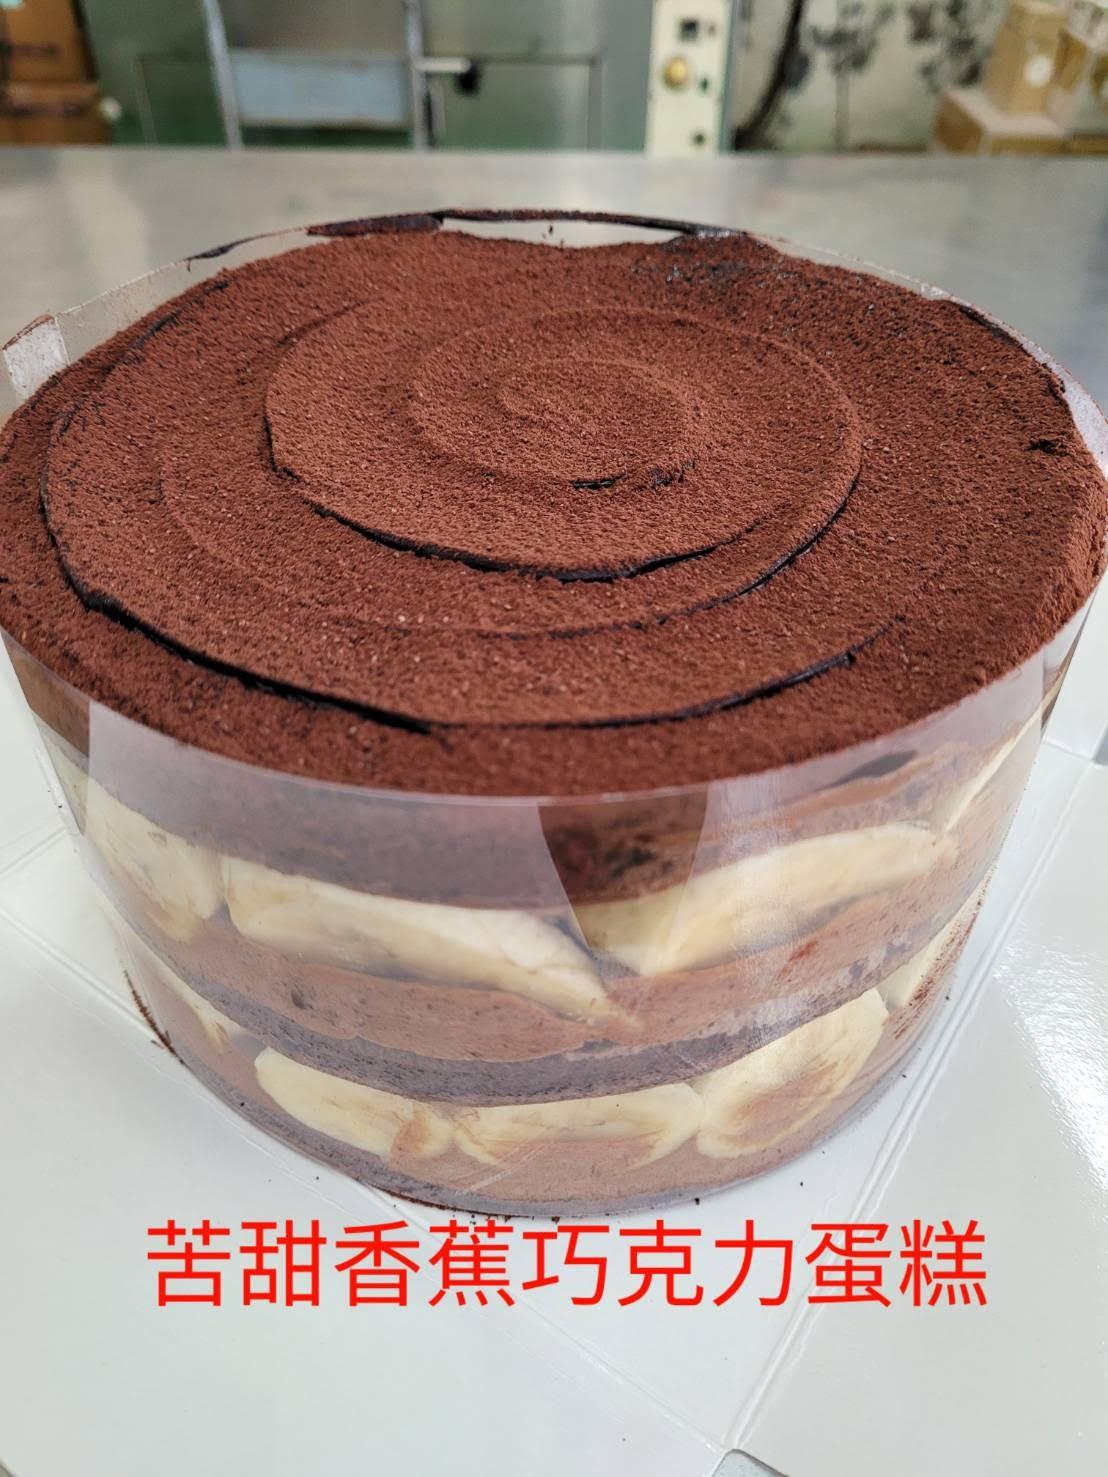 7吋圓形特級苦甜巧克力香蕉蛋糕  (自取需事先預訂)